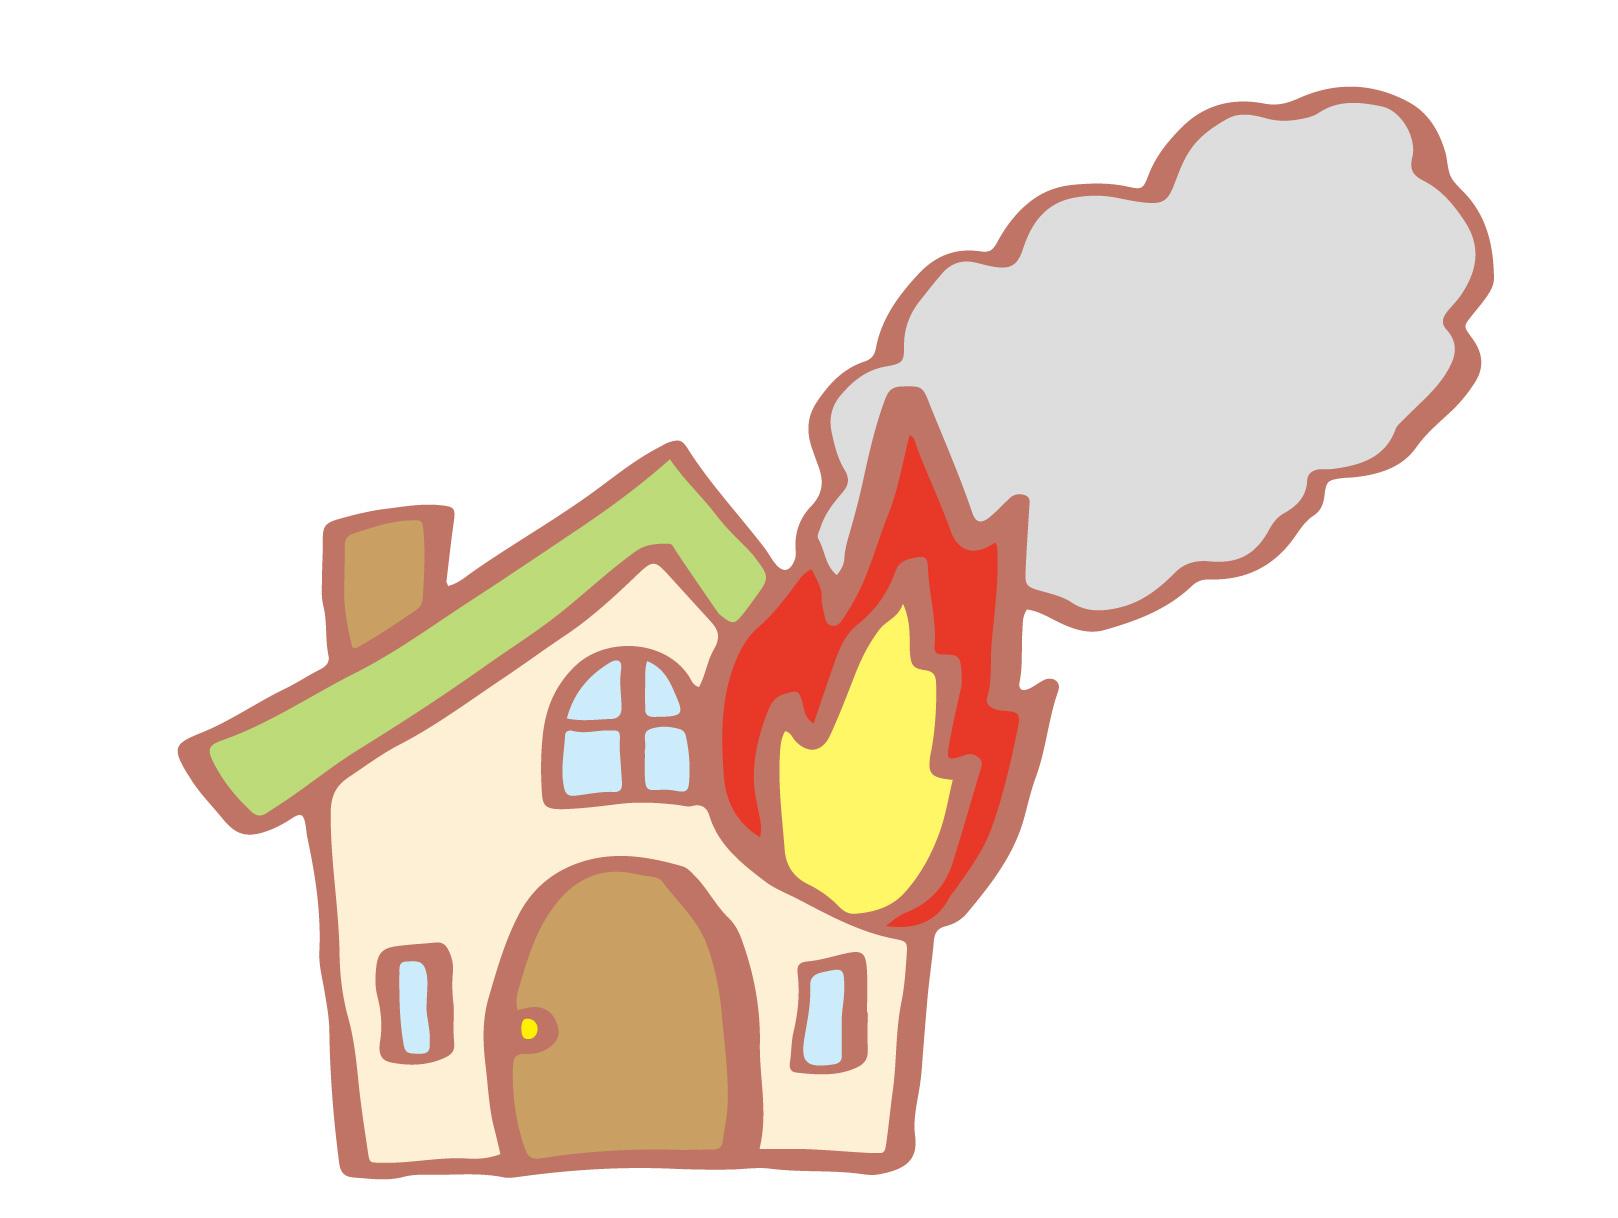 [認知症介護体験3]料理で火事寸前。早く死んでしまえばいいのに